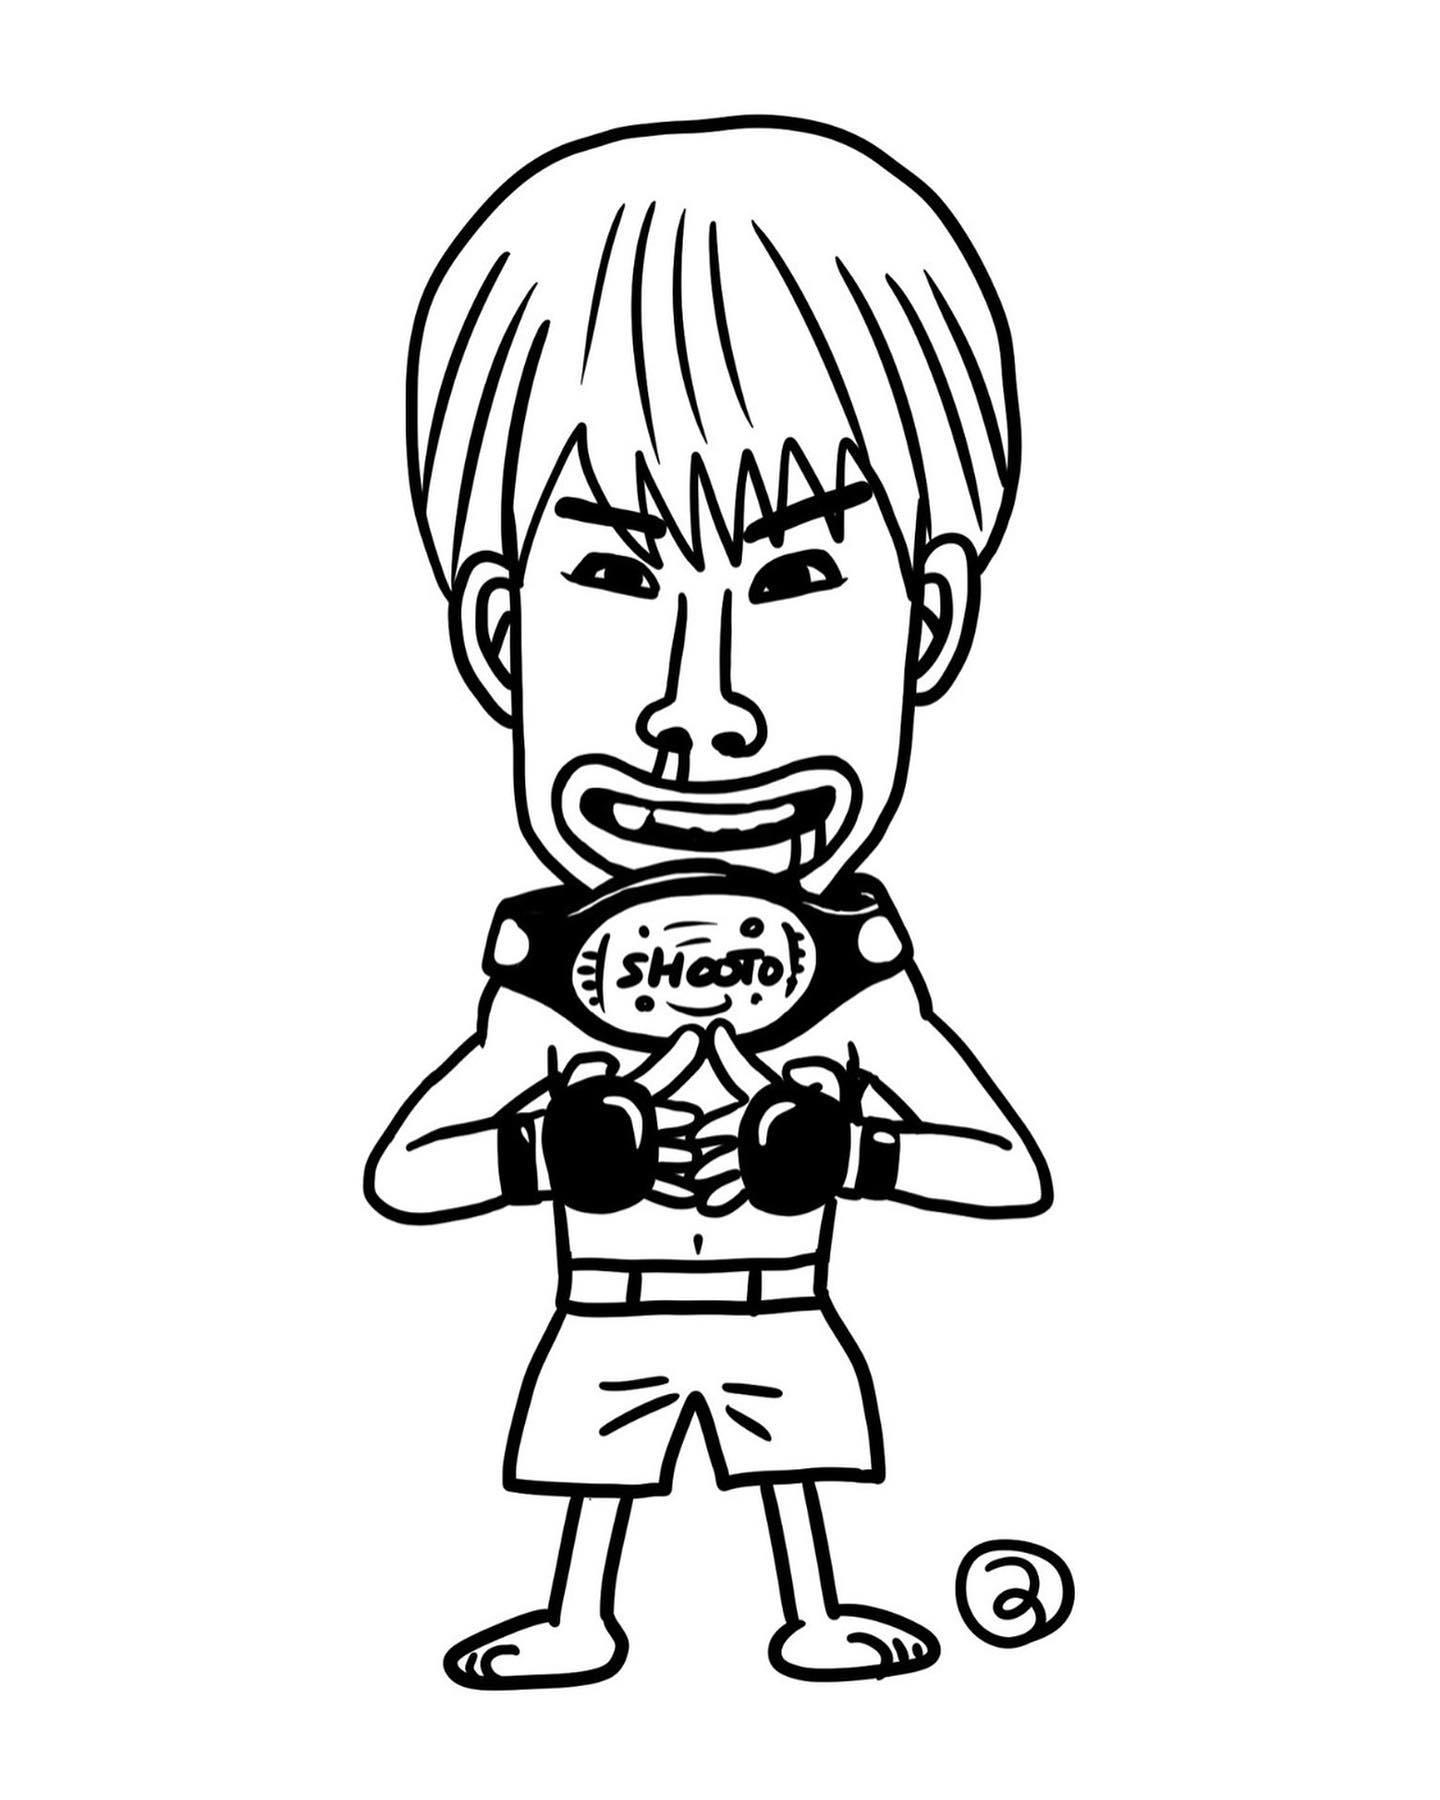 『モンモンモン』『みどりのマキバオー』でお馴染み、つの丸先生(スタジオ将軍)作、第8代修斗世界フライ級チャンピオン平良達郎(Theパラエストラ沖縄/insprit)!パラエストラ千葉ネットワーク王者達に仲間入りさせていただきました!つの丸先生感謝申し上げます!#つの丸#スタジオ将軍#平良達郎#パラエストラ #沖縄 #那覇 #与儀 #MMA #shooto #コザ #総合格闘技 #修斗 #キックボクシング #柔術 #jiujitsu #ダイエット